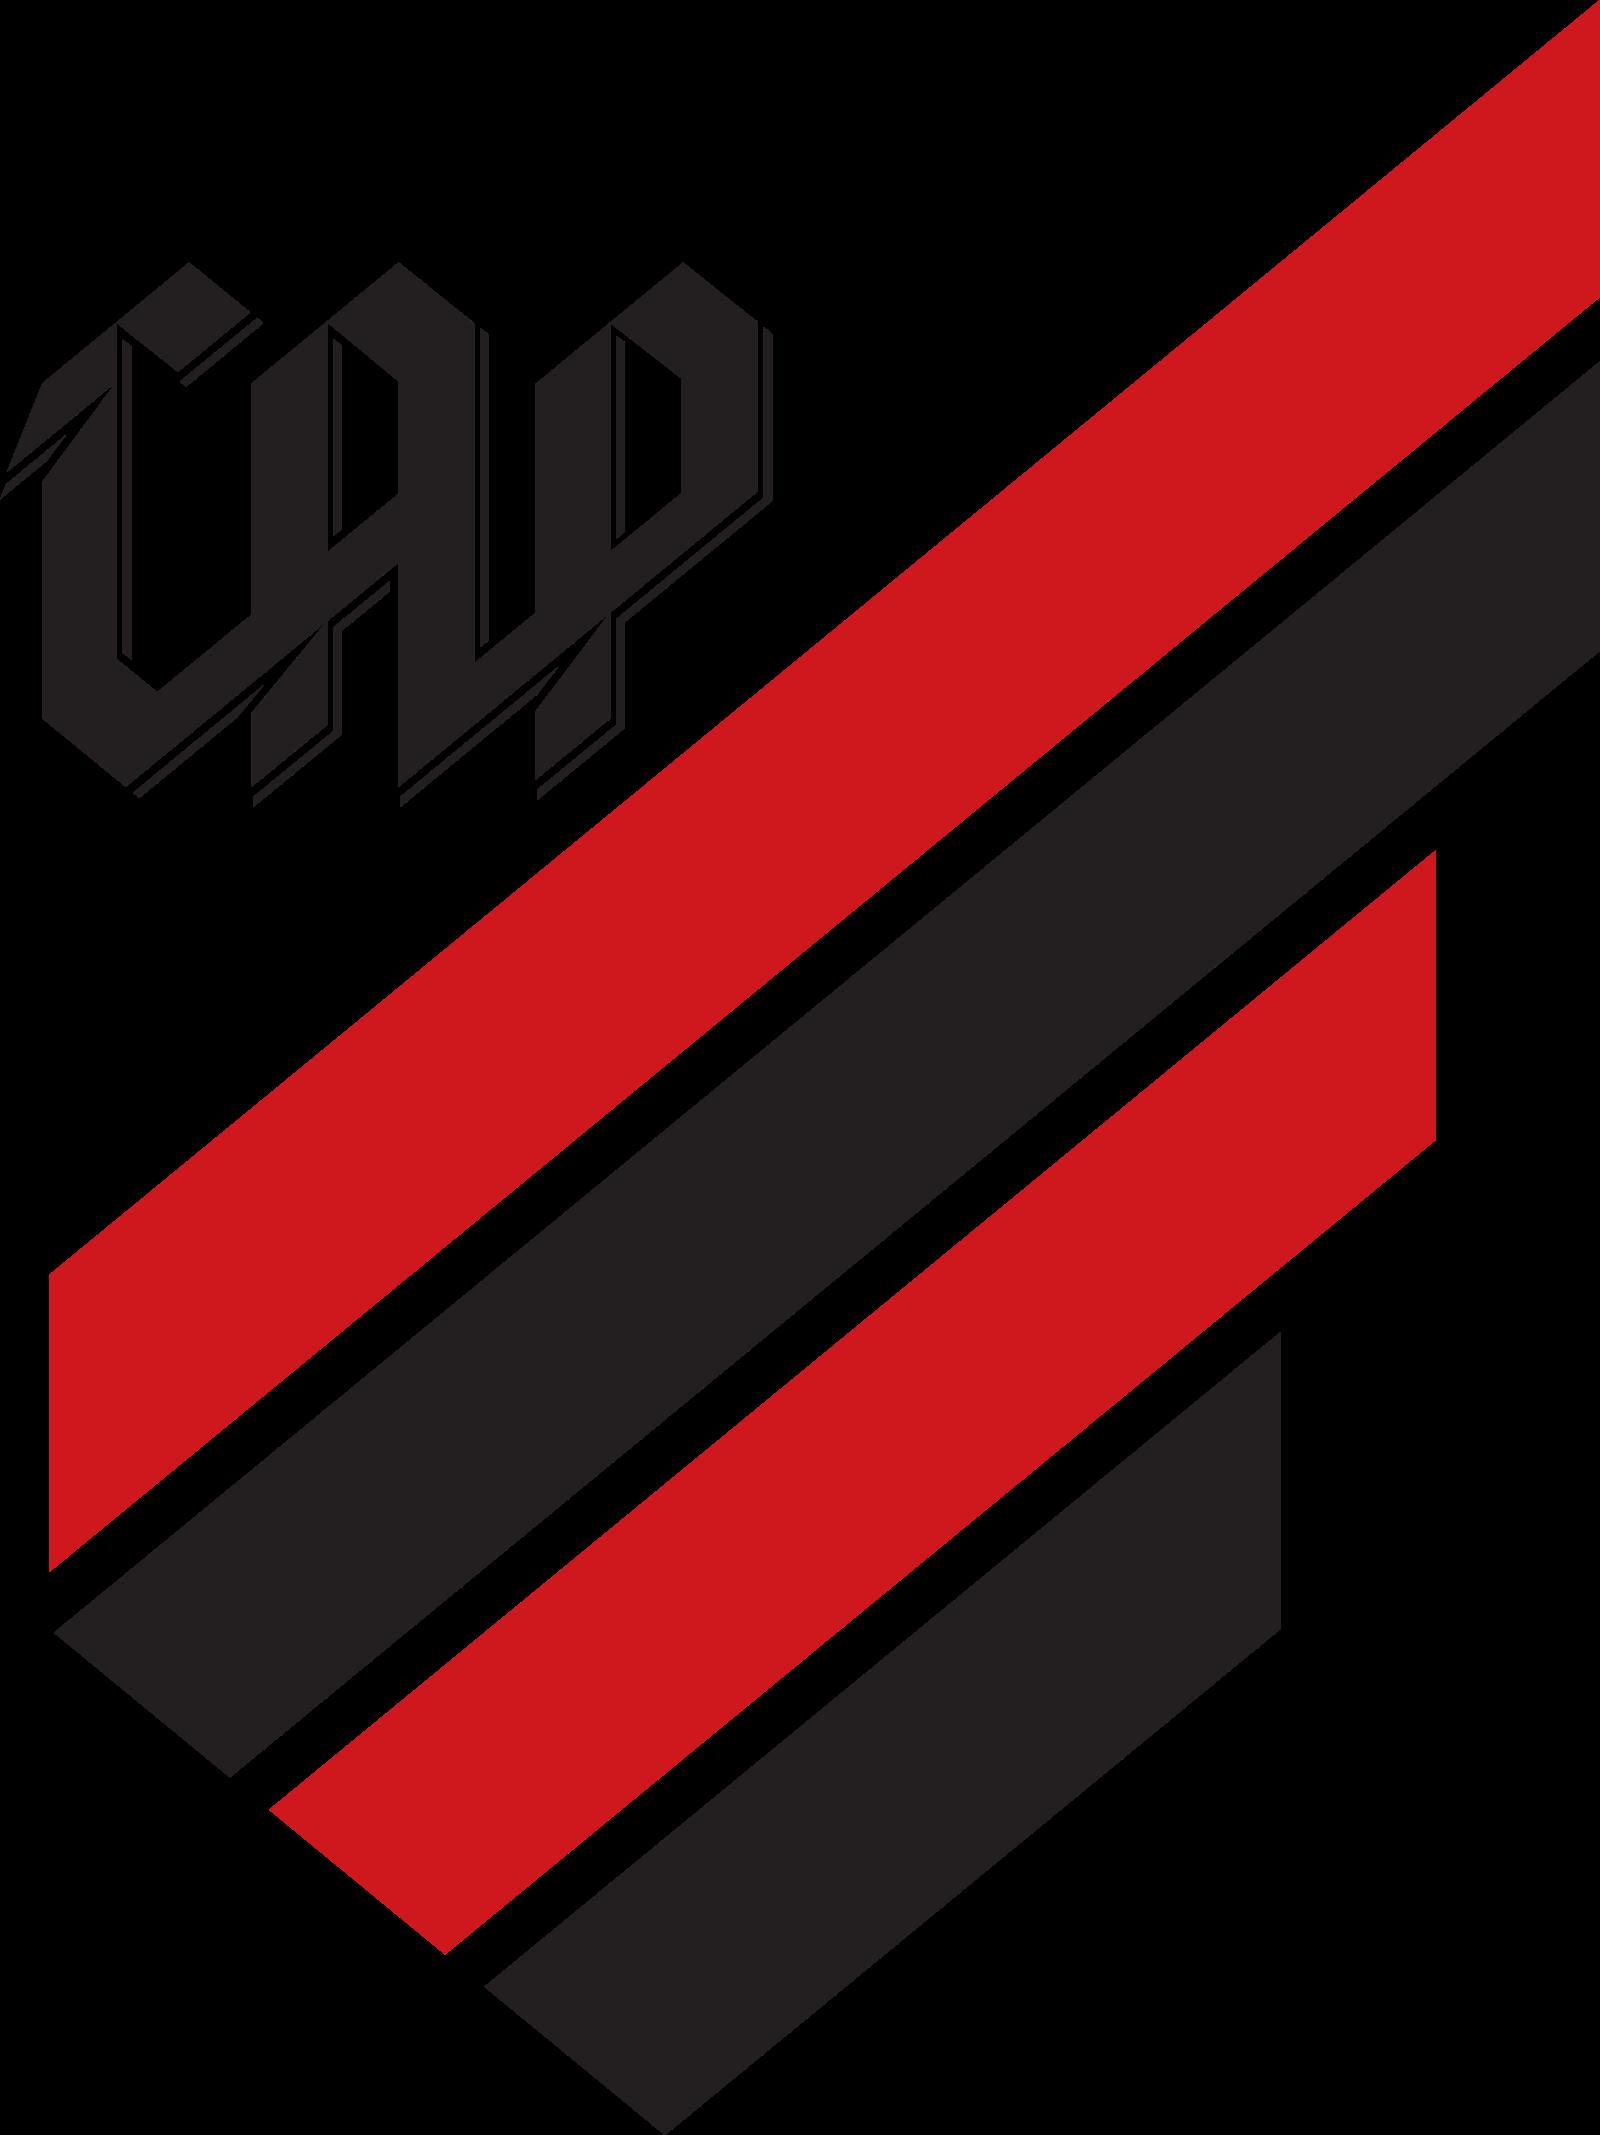 athletico-paranaense-logo-escudo-2